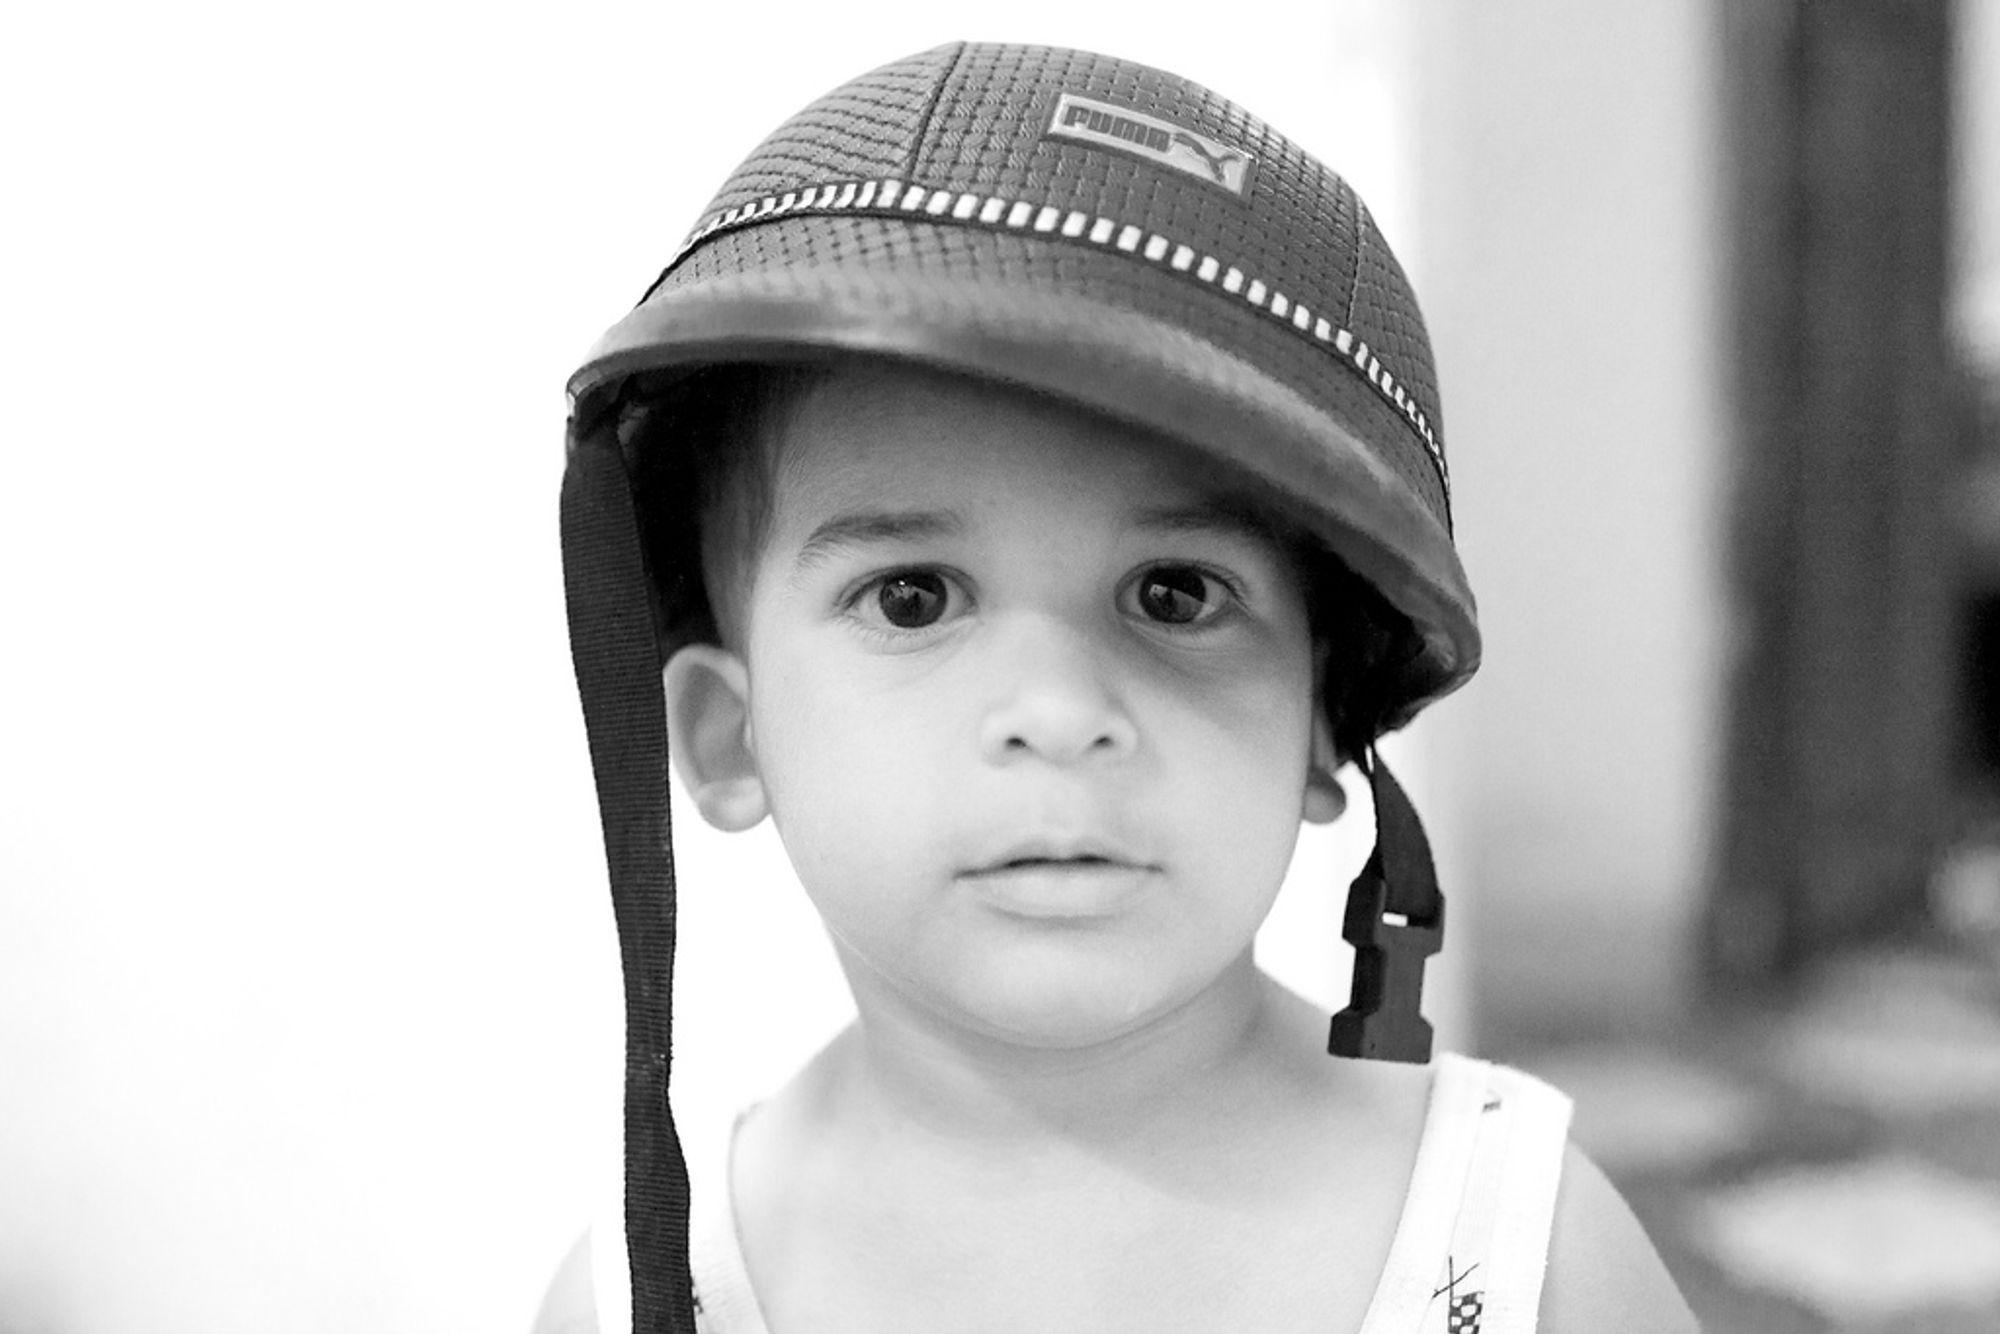 c99ab0cb I dette bildet er skyggene fra hjelmen til gutten over øynene lysnet opp i  etterbehandlingen.